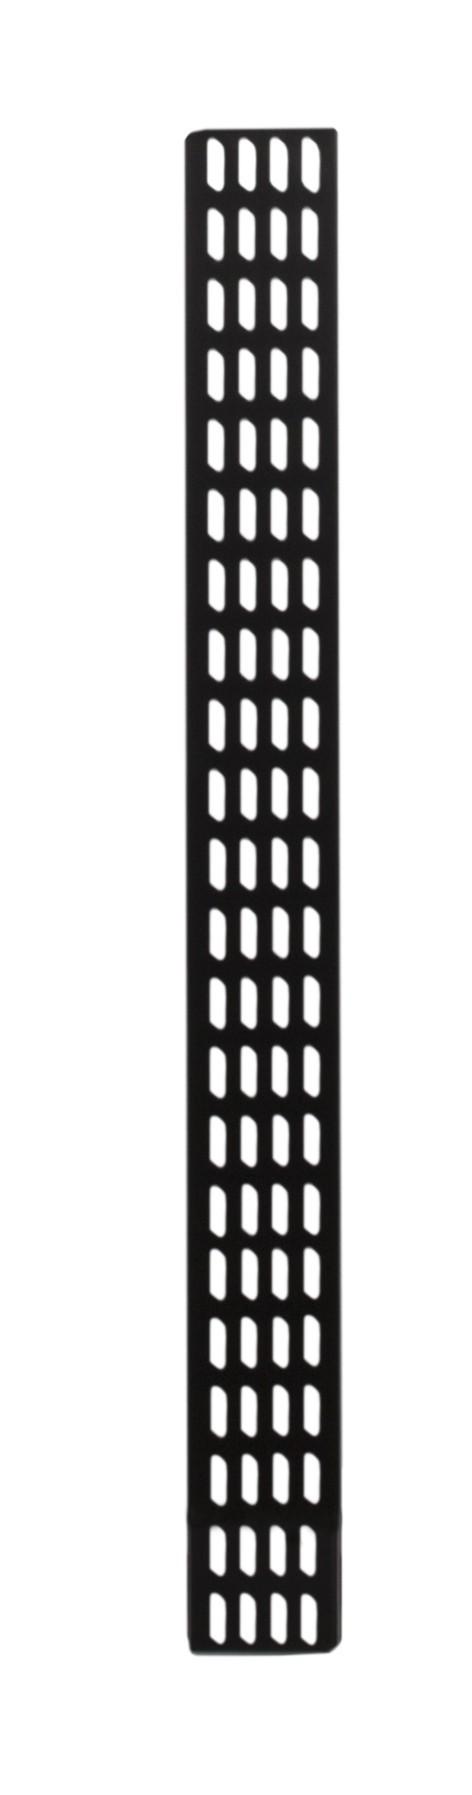 Afbeelding van 22U verticale kabelgoot - 30cm breed